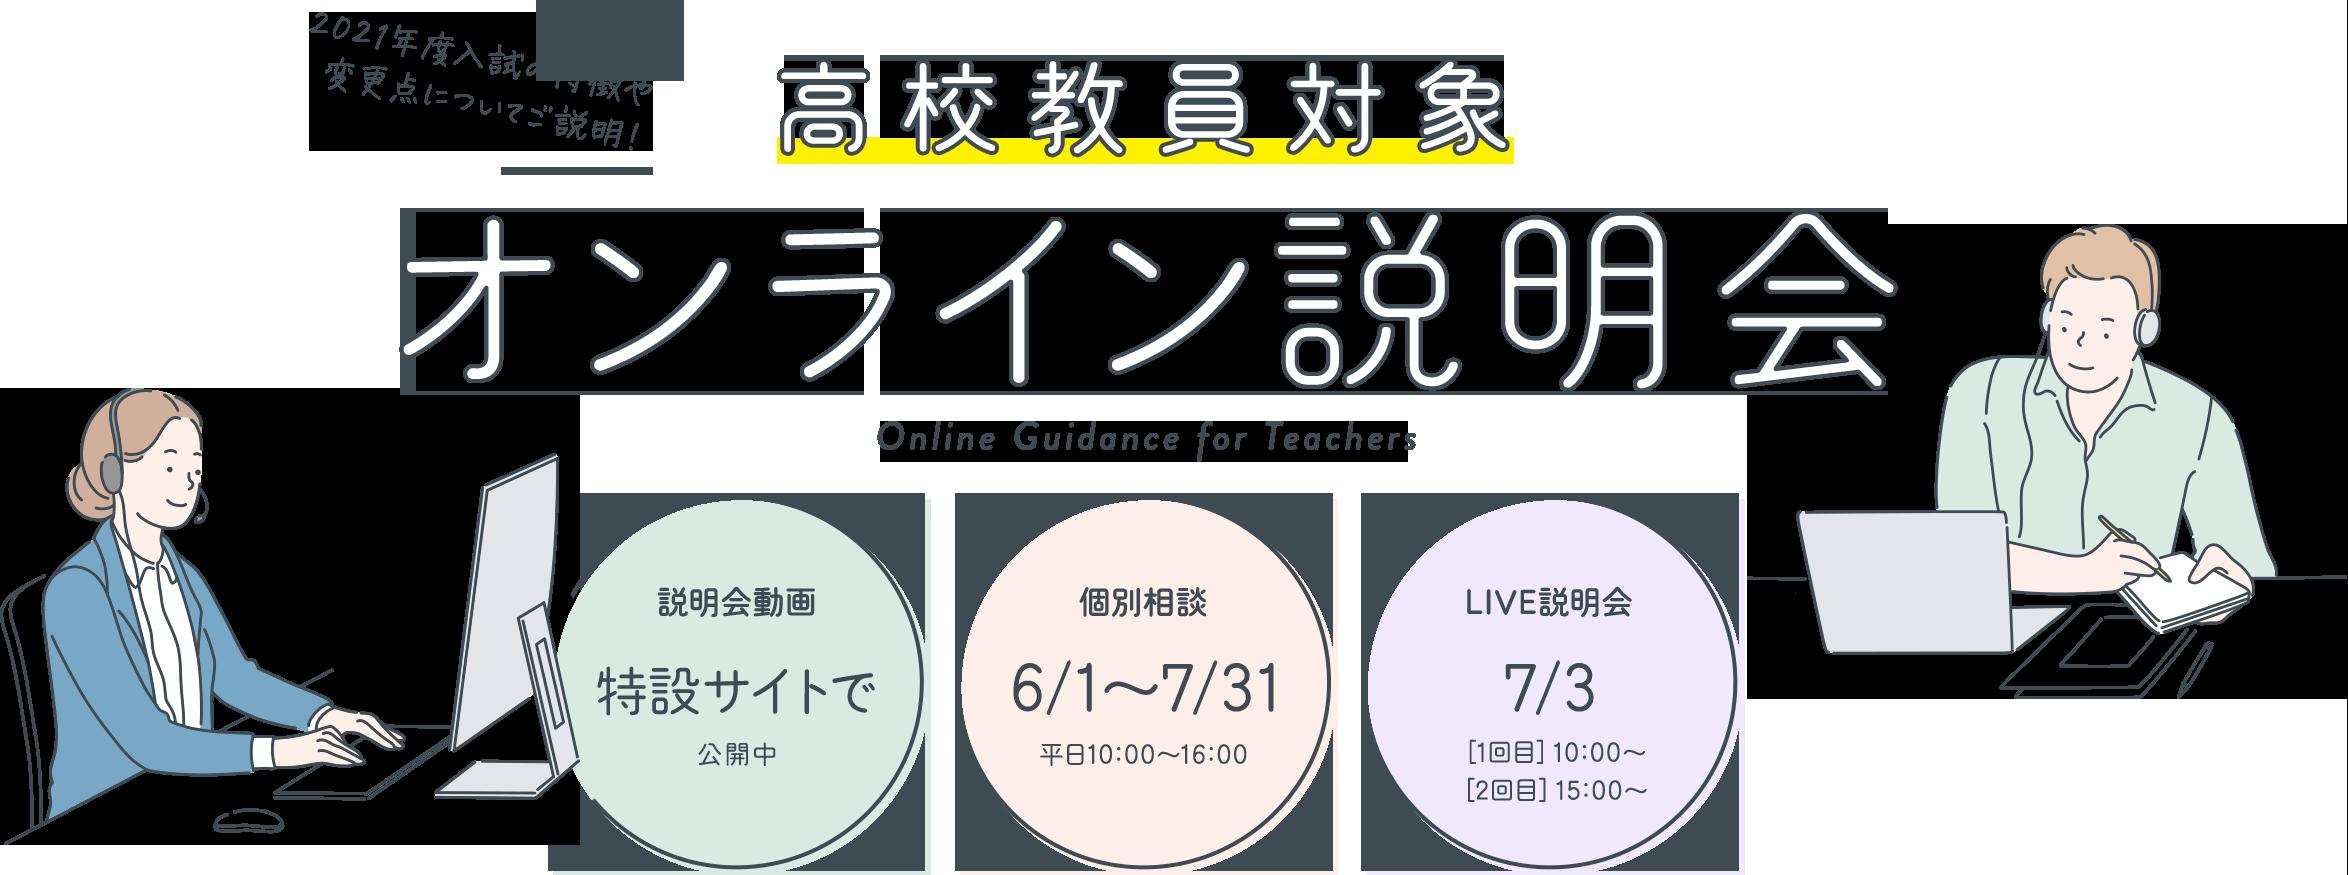 高校教員対象オンライン説明会